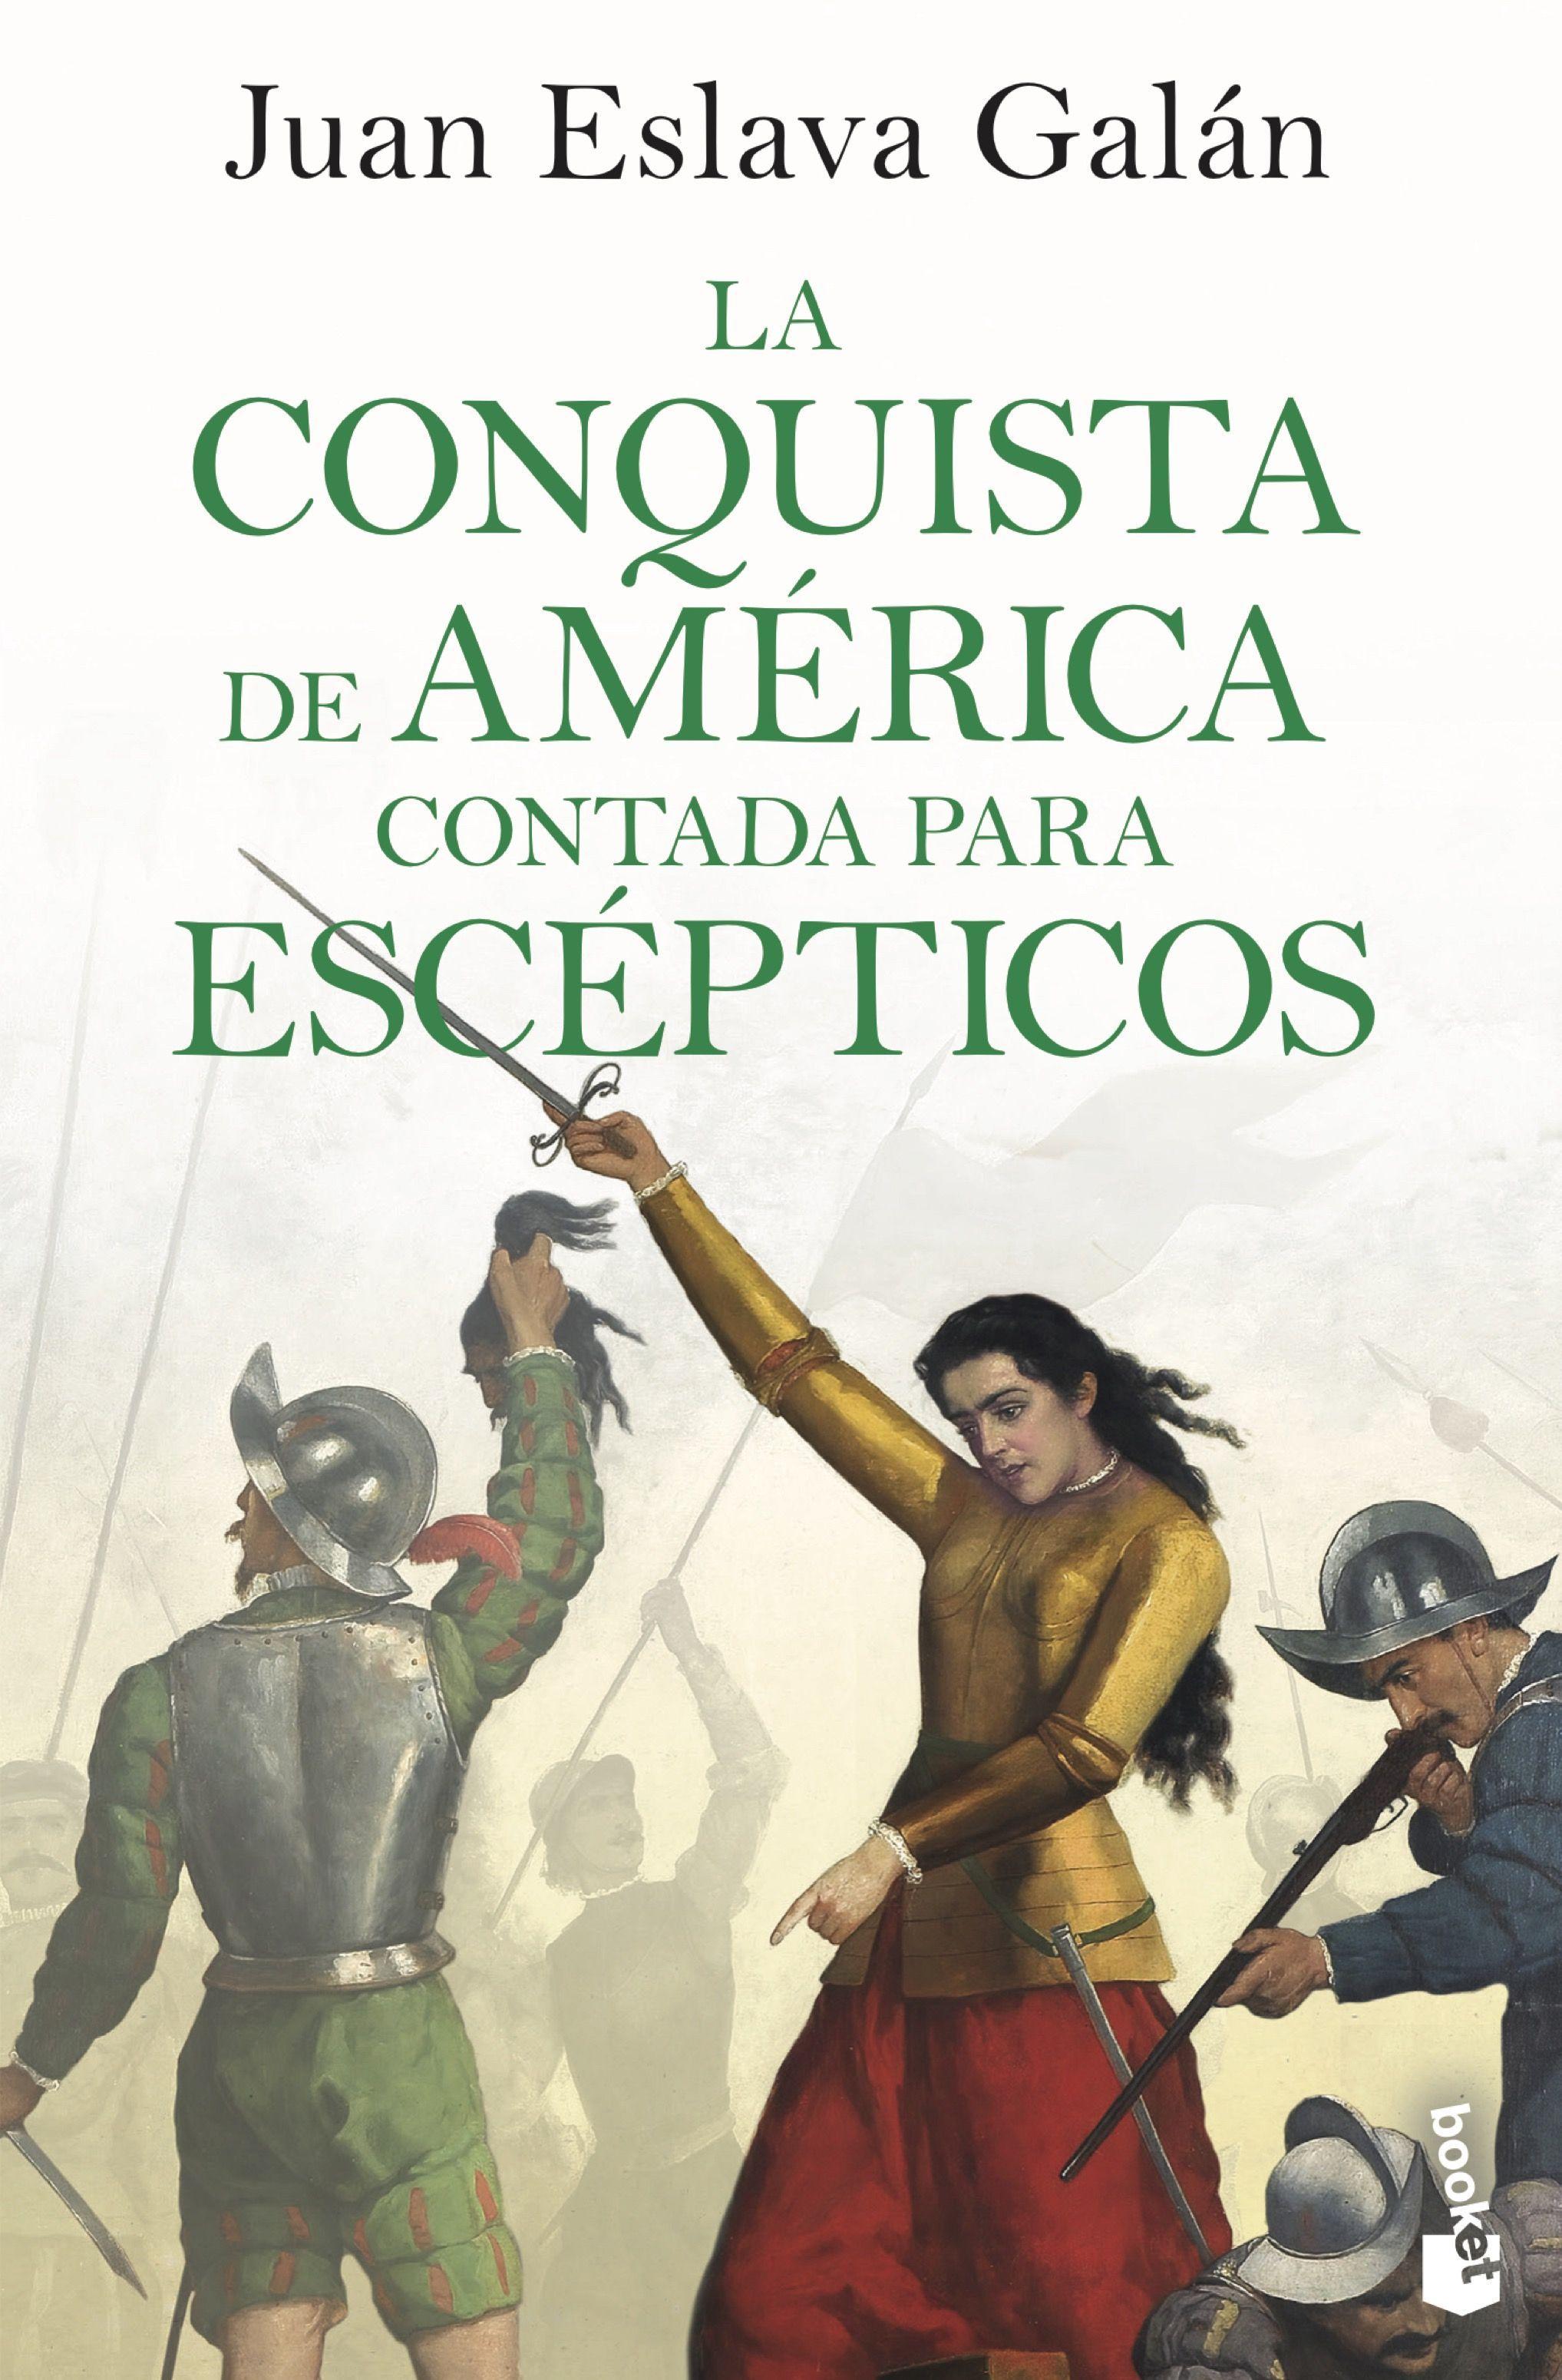 CONQUISTA DE AMÉRICA CONTADA PARA ESCÉPTICOS LA